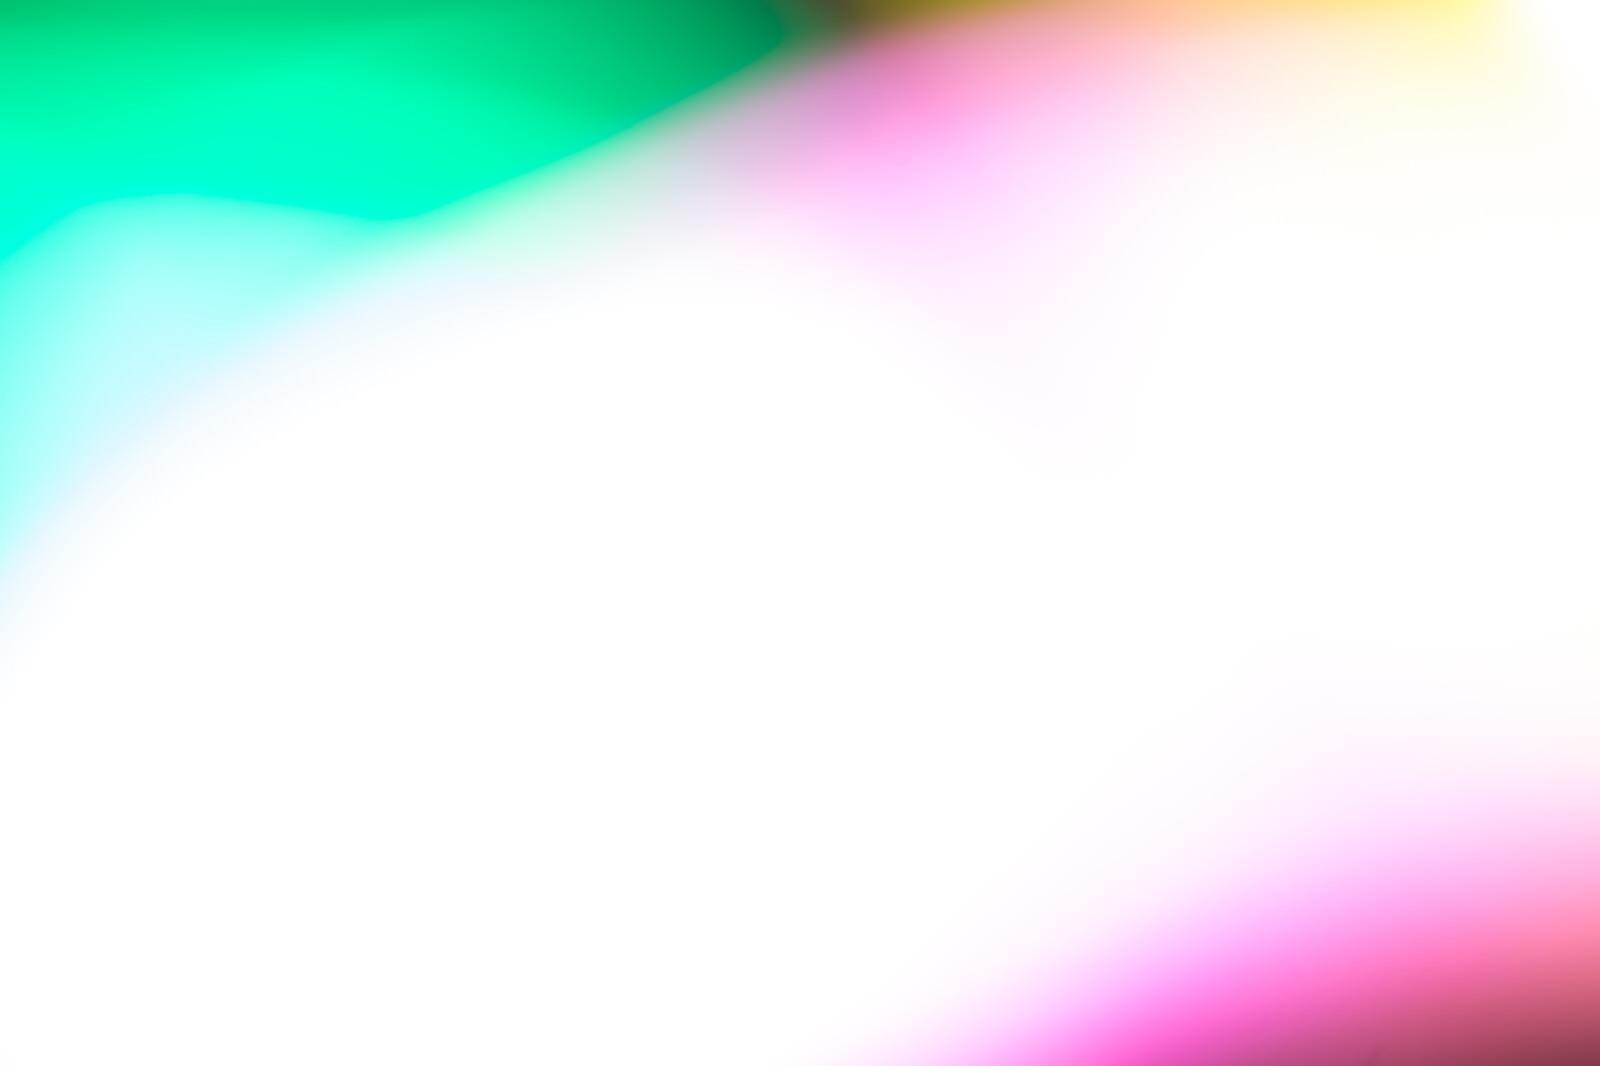 「鮮やかな色合いのボケ鮮やかな色合いのボケ」のフリー写真素材を拡大